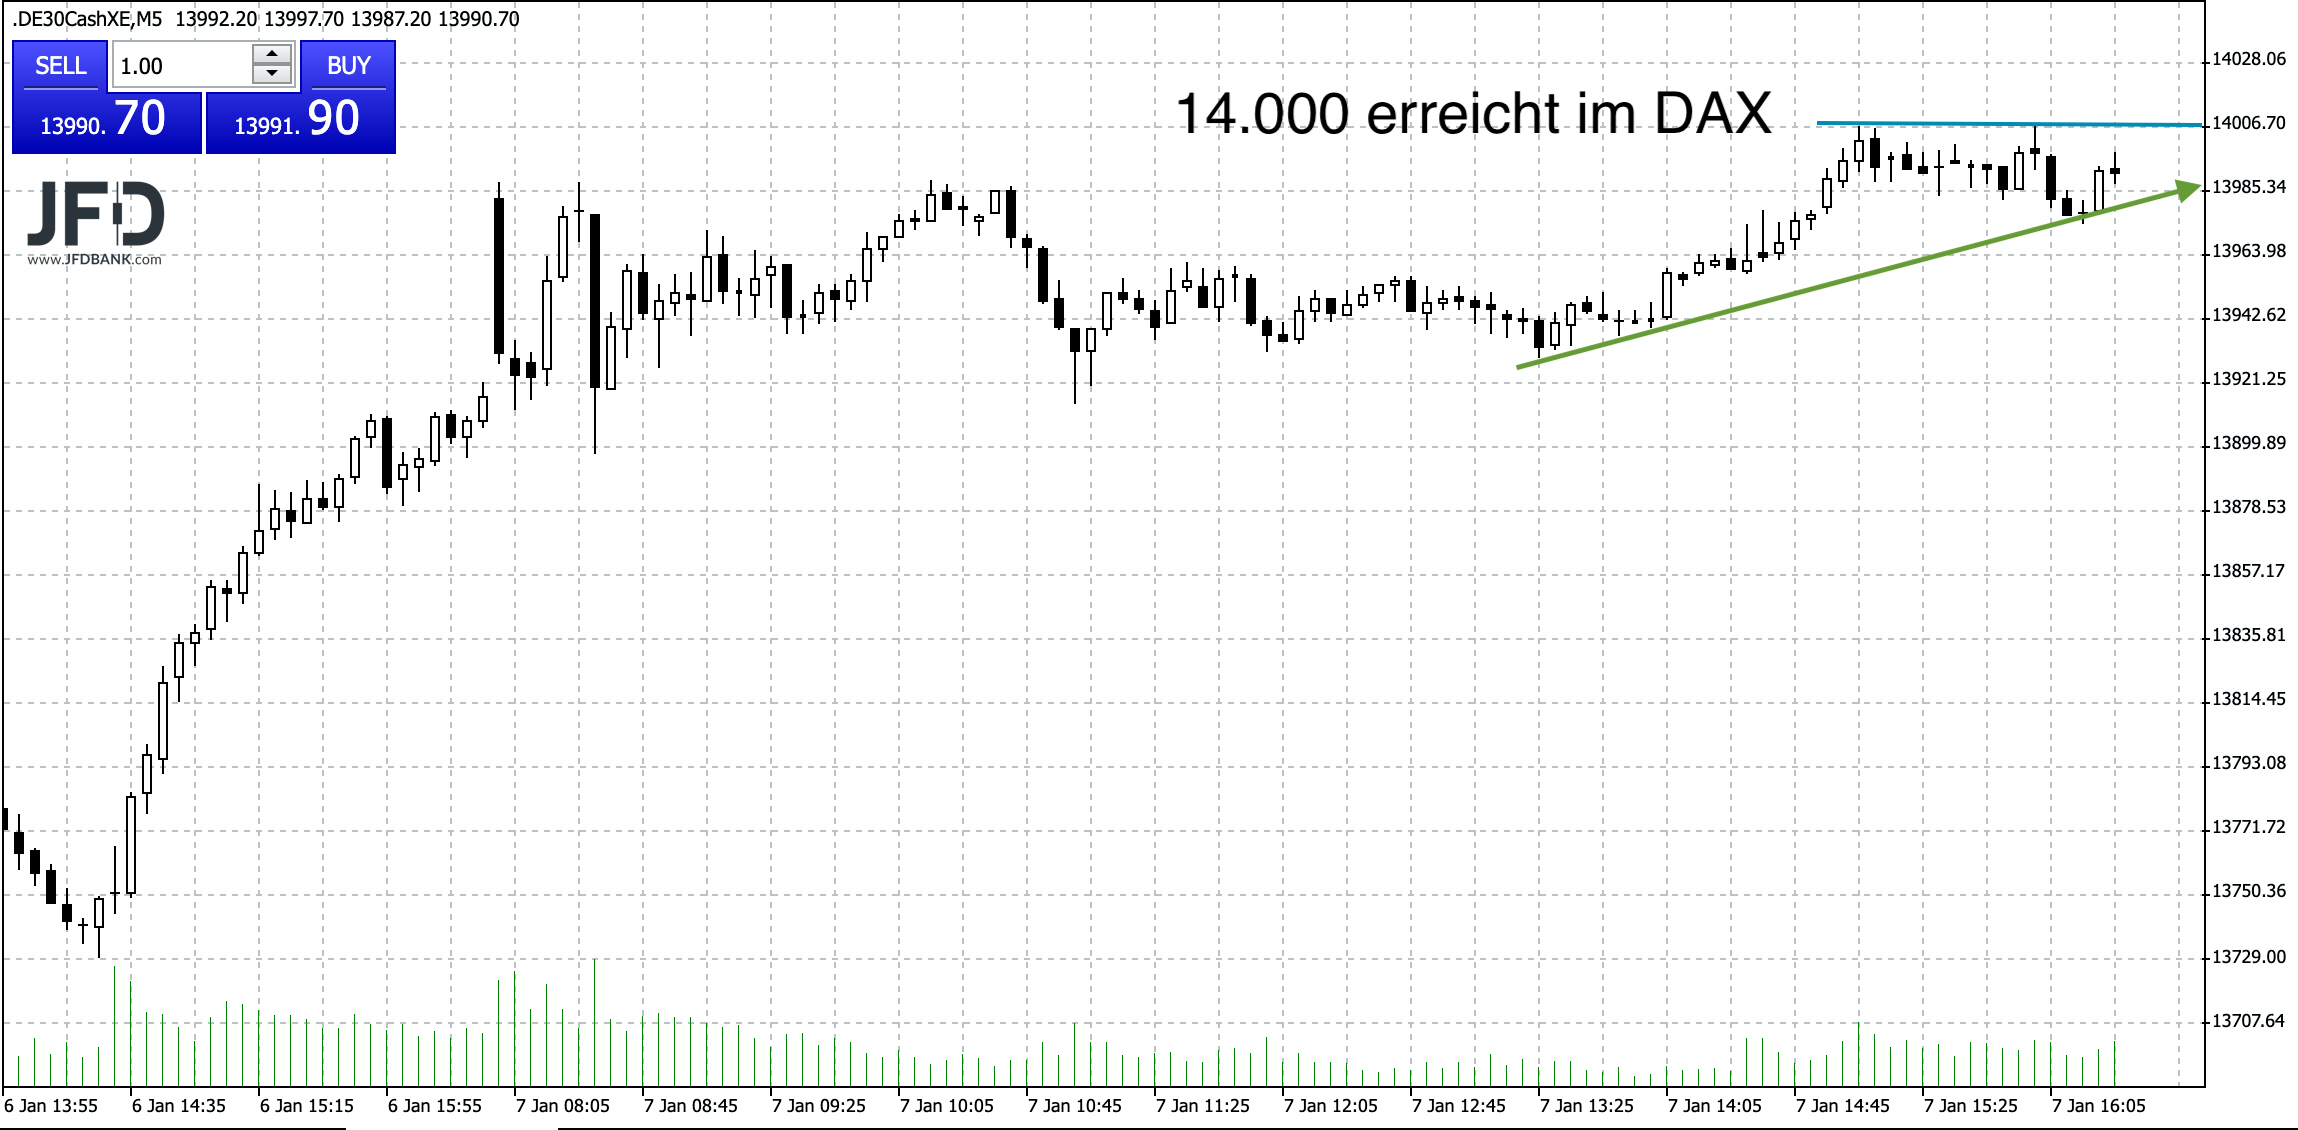 DAX-Trend am Nachmittag zur 14.000